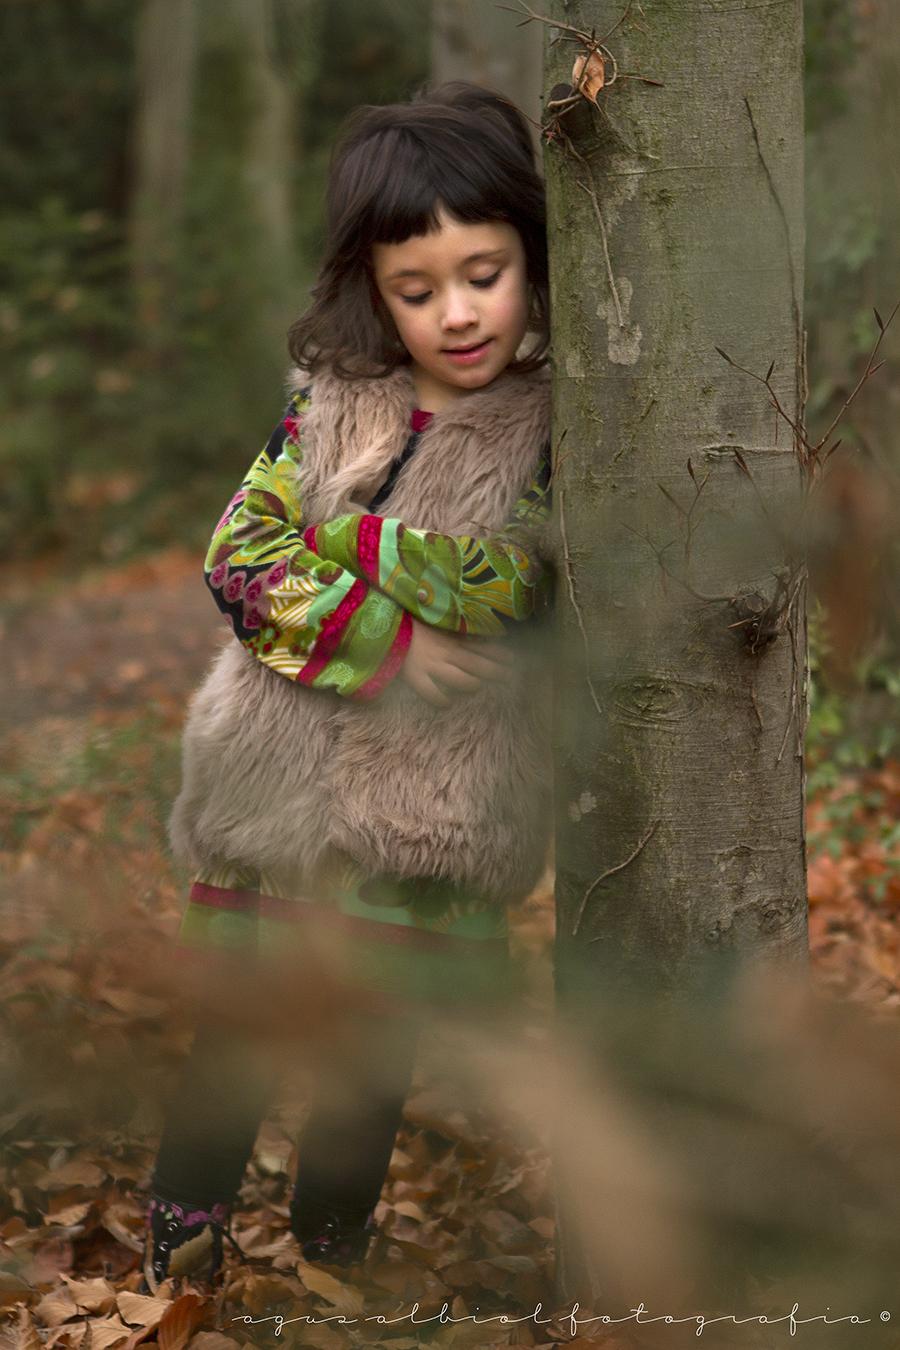 sigrid-i-roc-45 sigrid-i-roc-sesiones niños otoño sesiones fotografia exterior